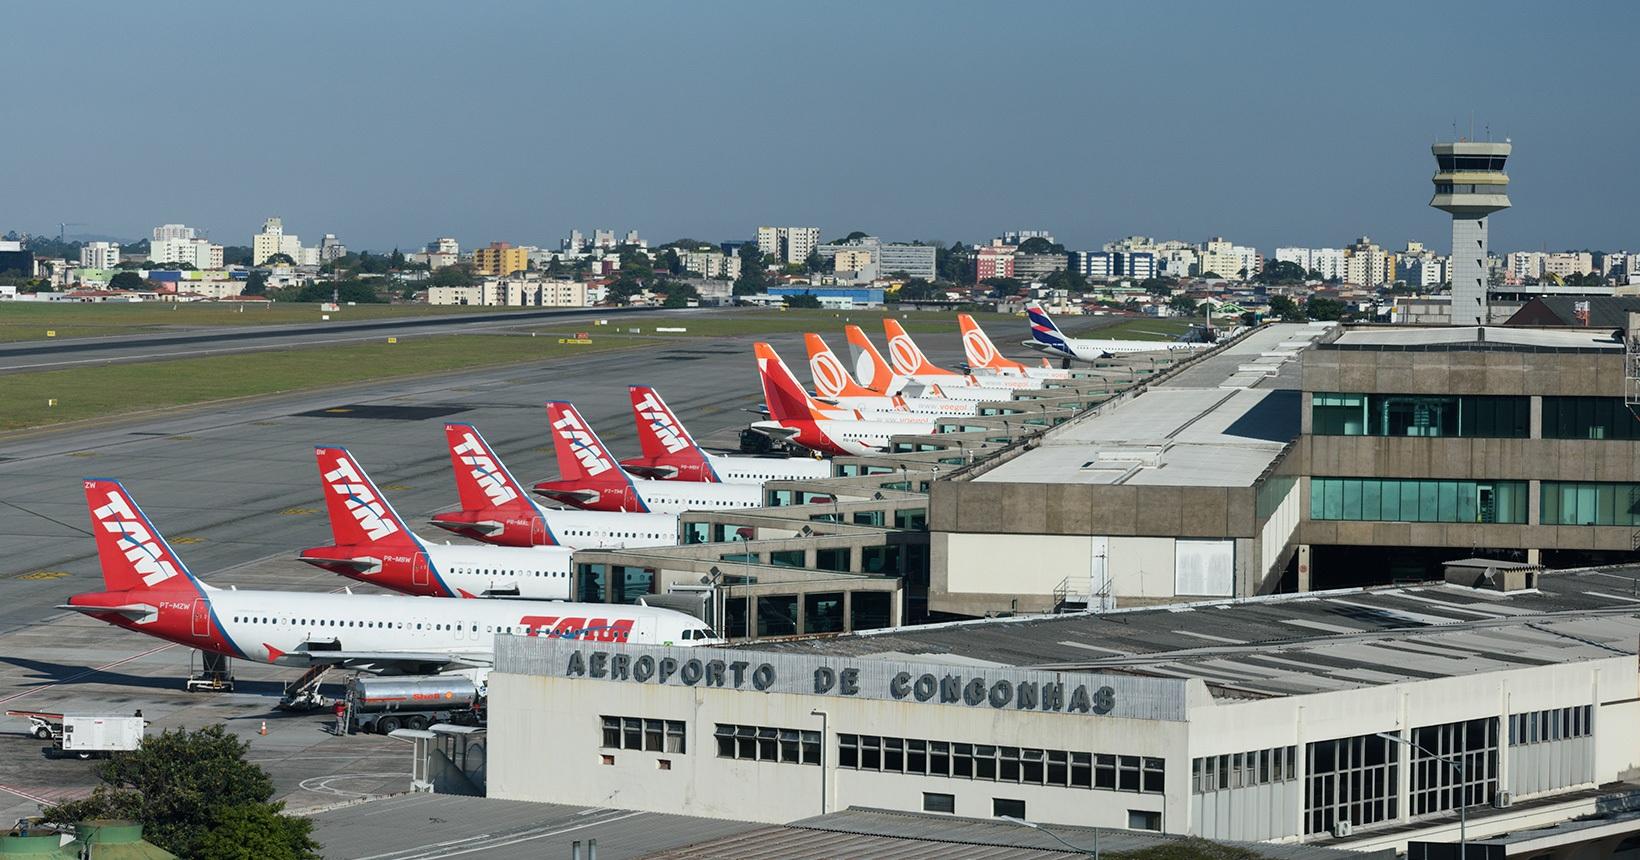 Taxas cobradas nos aeroportos de Salvador e Florianópolis são atualizadas